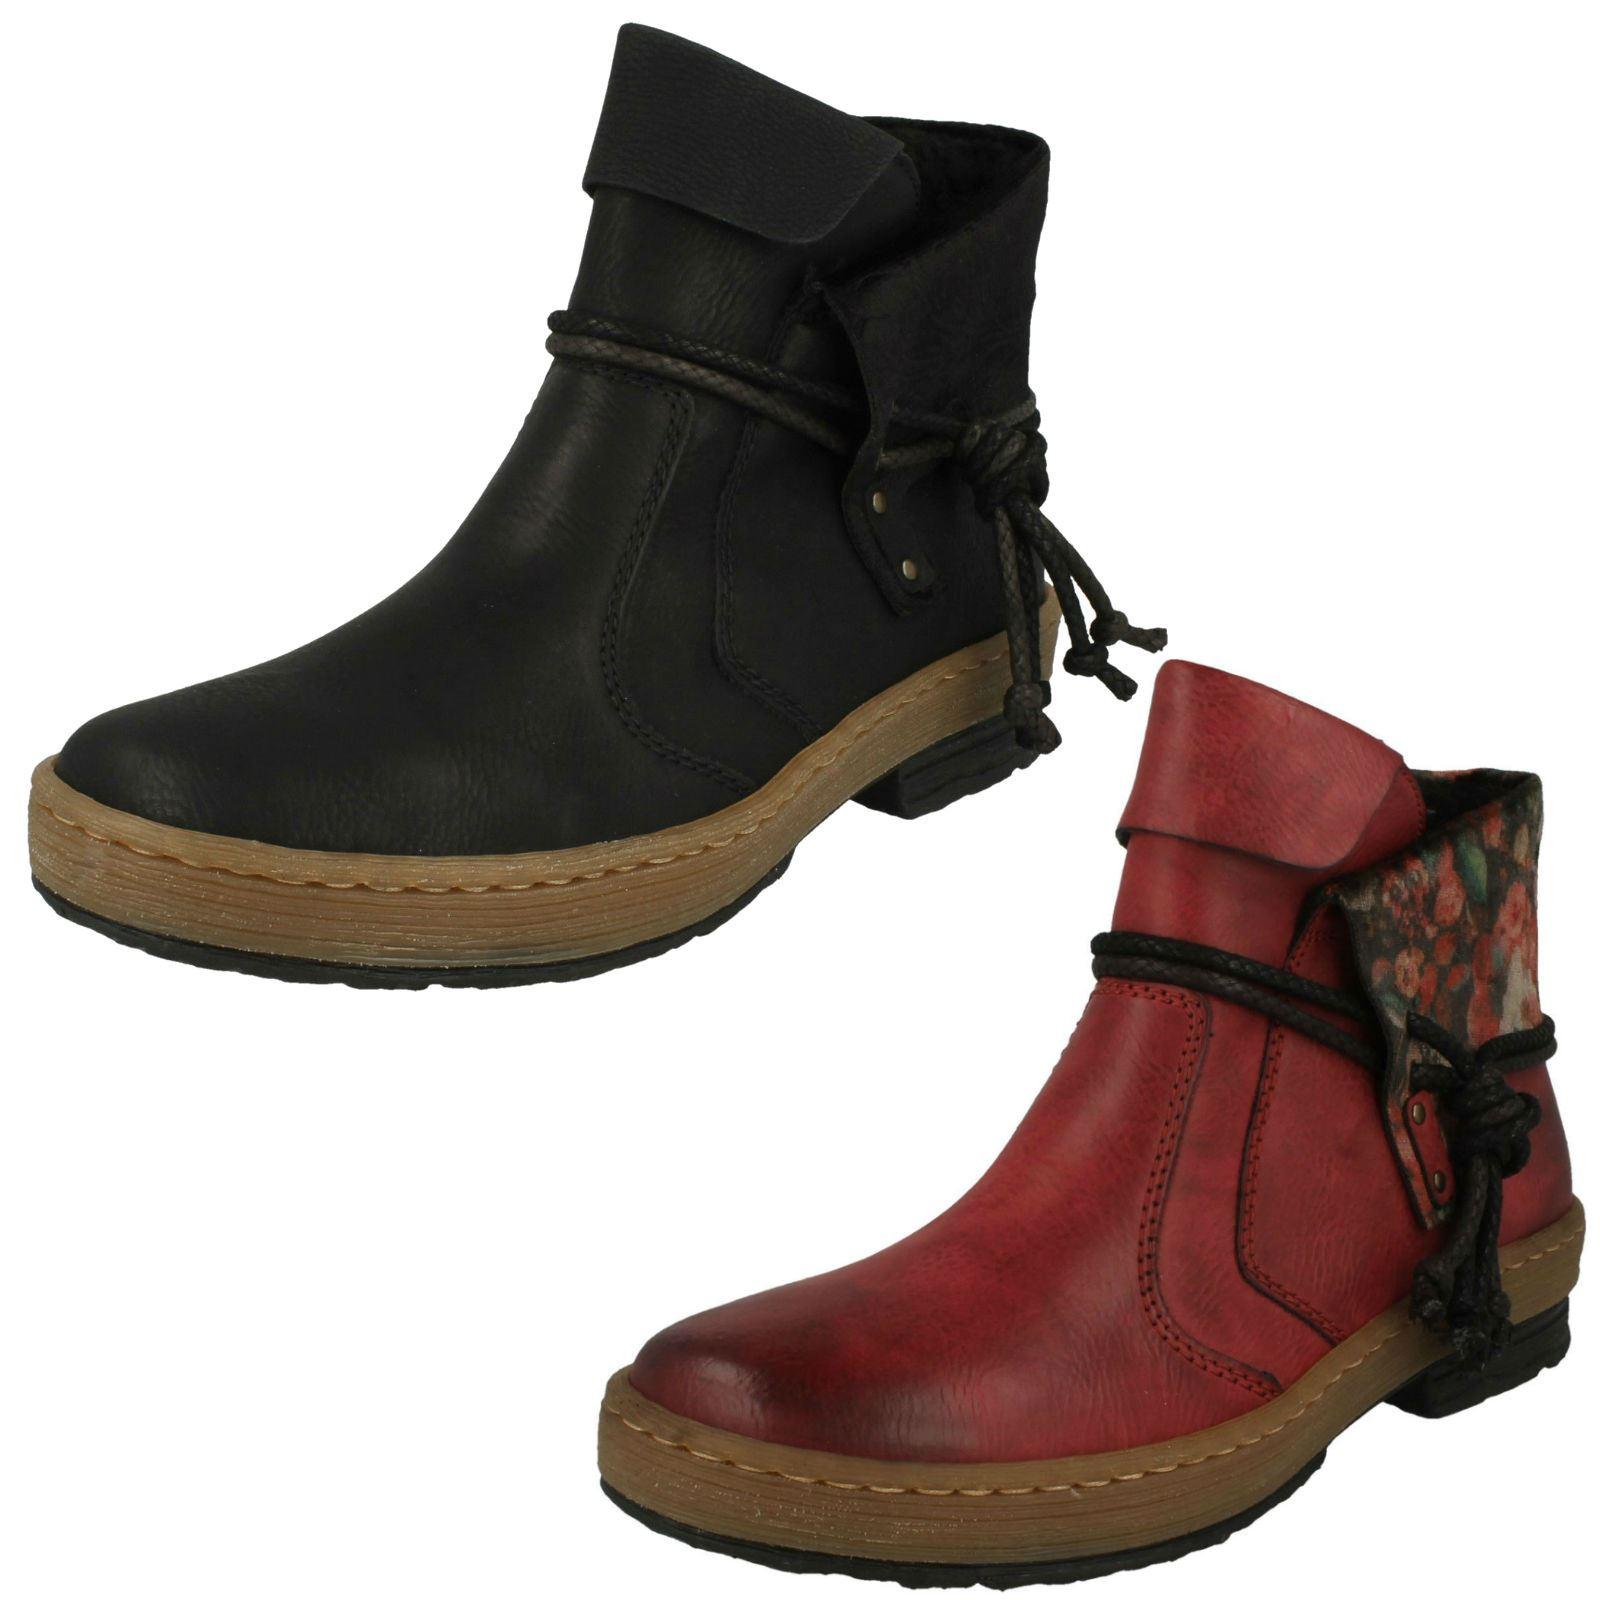 Damas Rieker botas botas botas al Tobillo Informales 'Z6771'  tienda de venta en línea